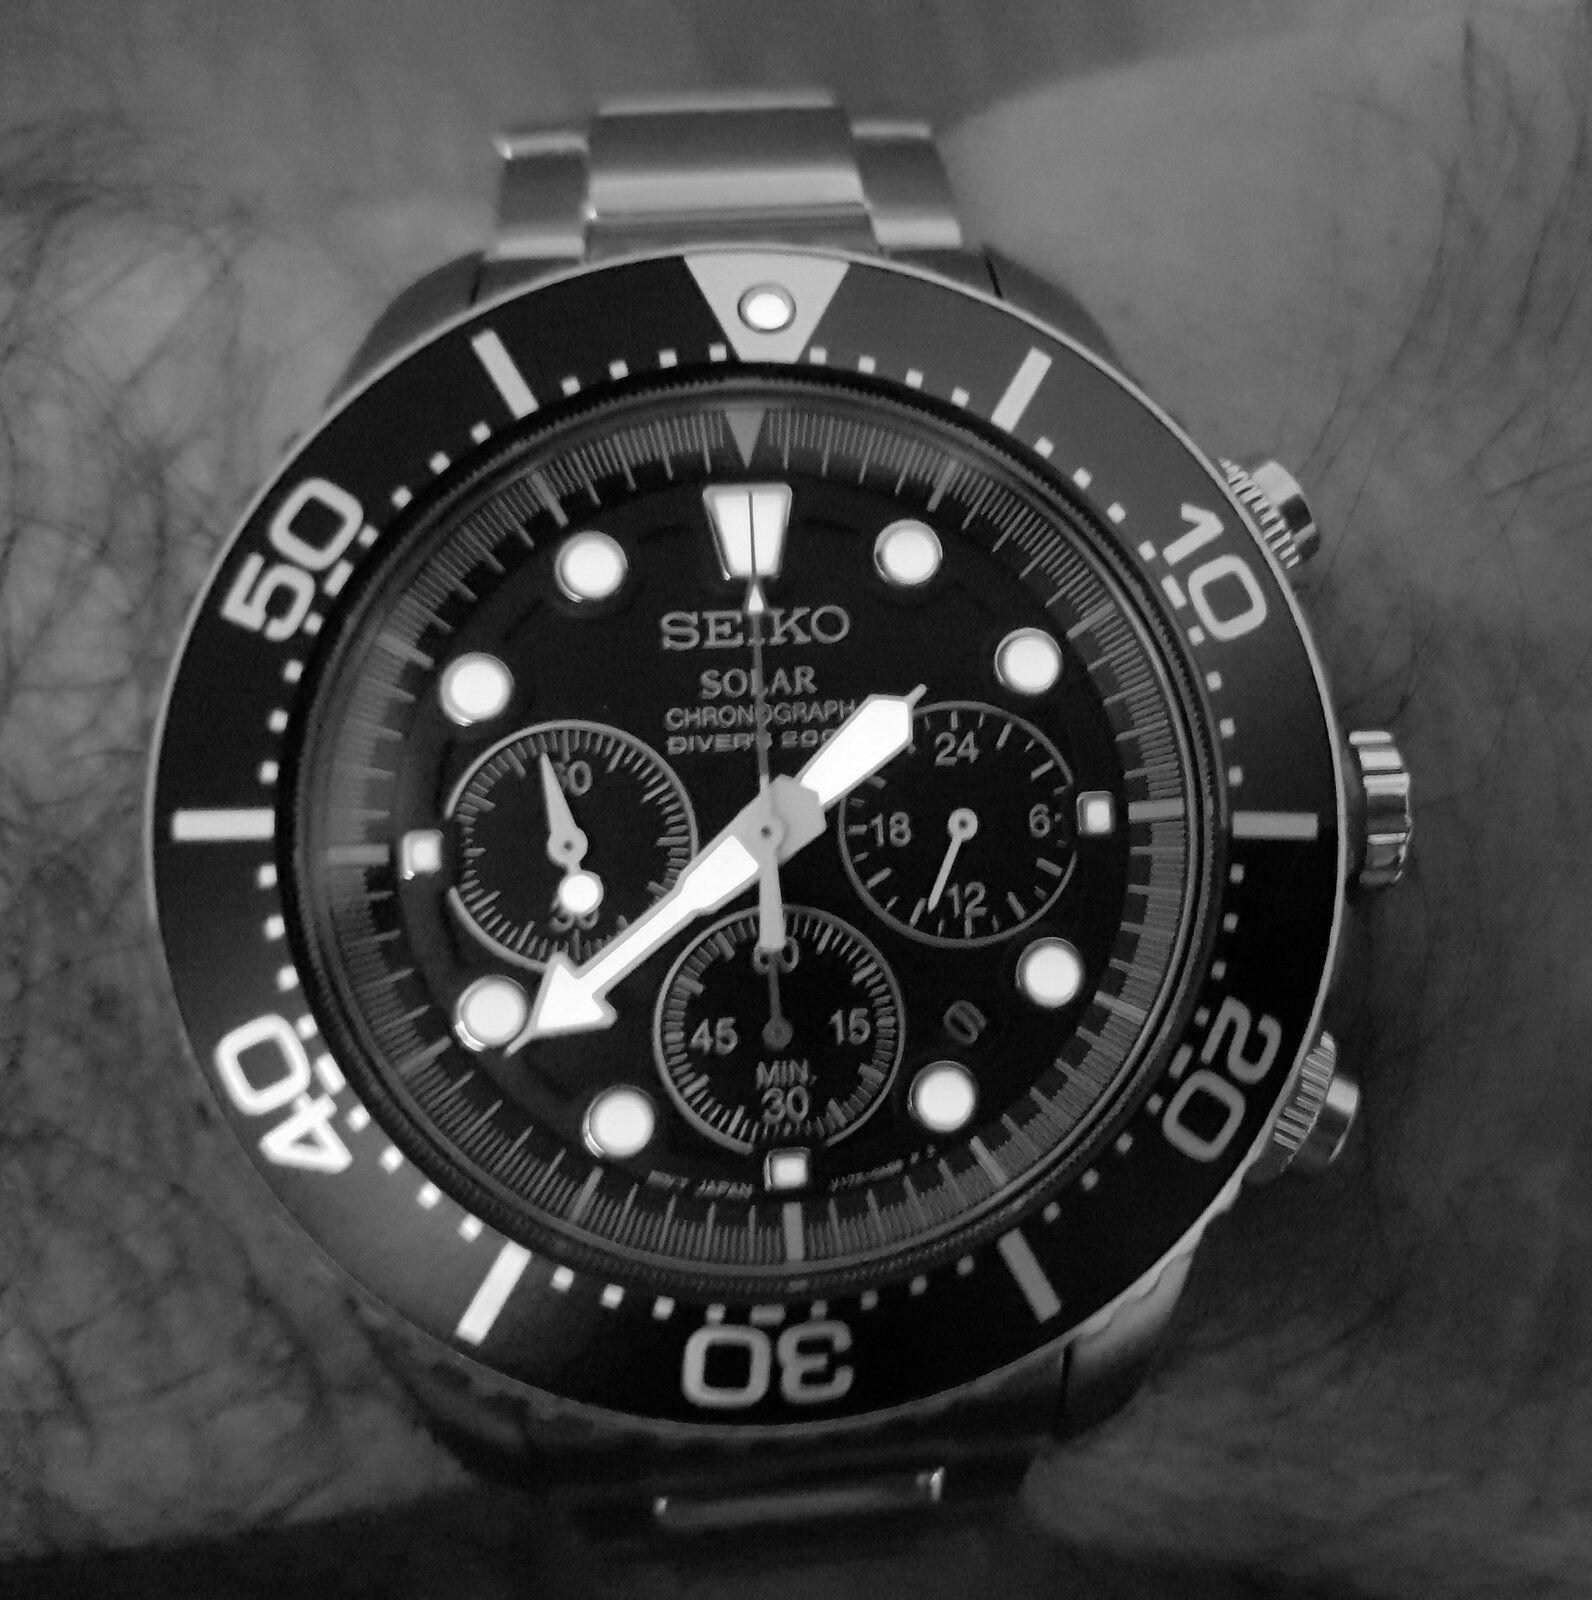 Seiko Solar Daytona Submariner Black  SSC017 200M (B&W).jpg